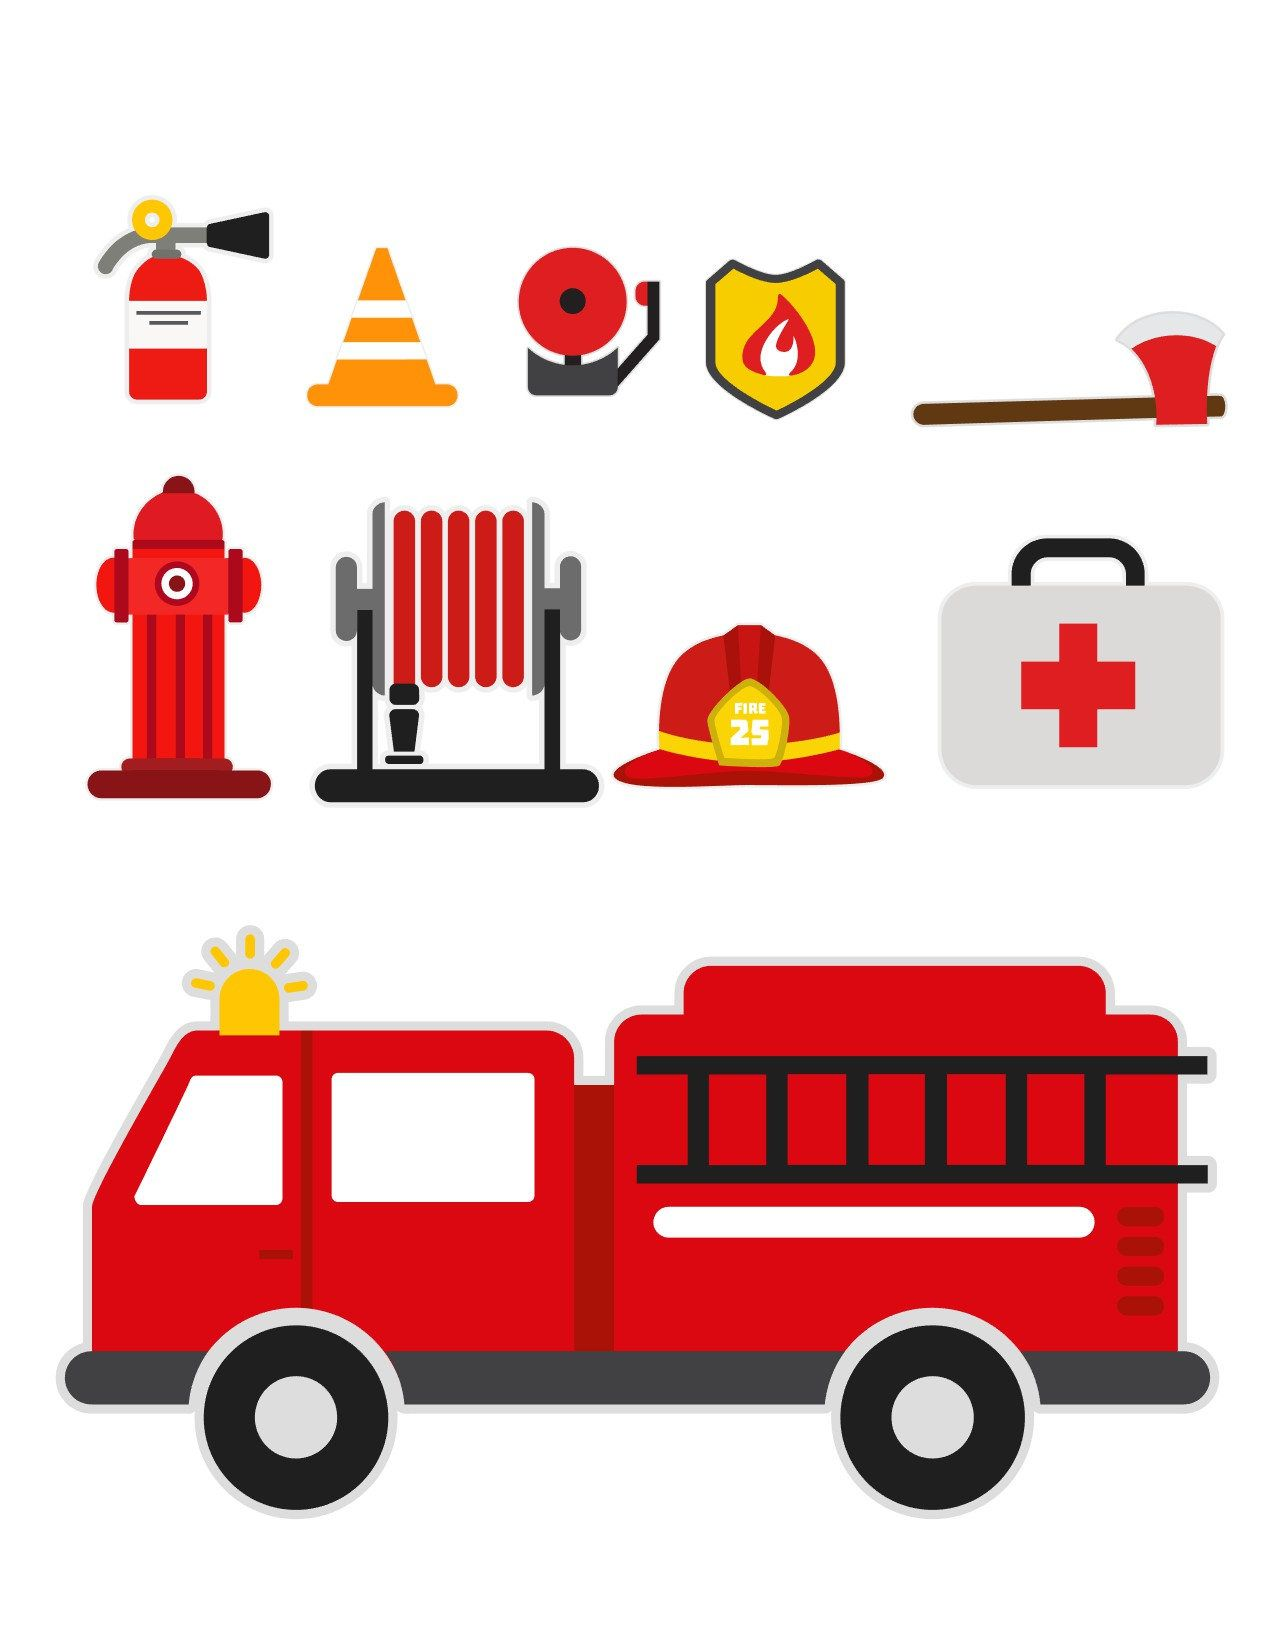 Firetruck clipart svg. Fireman fire truck firefighter